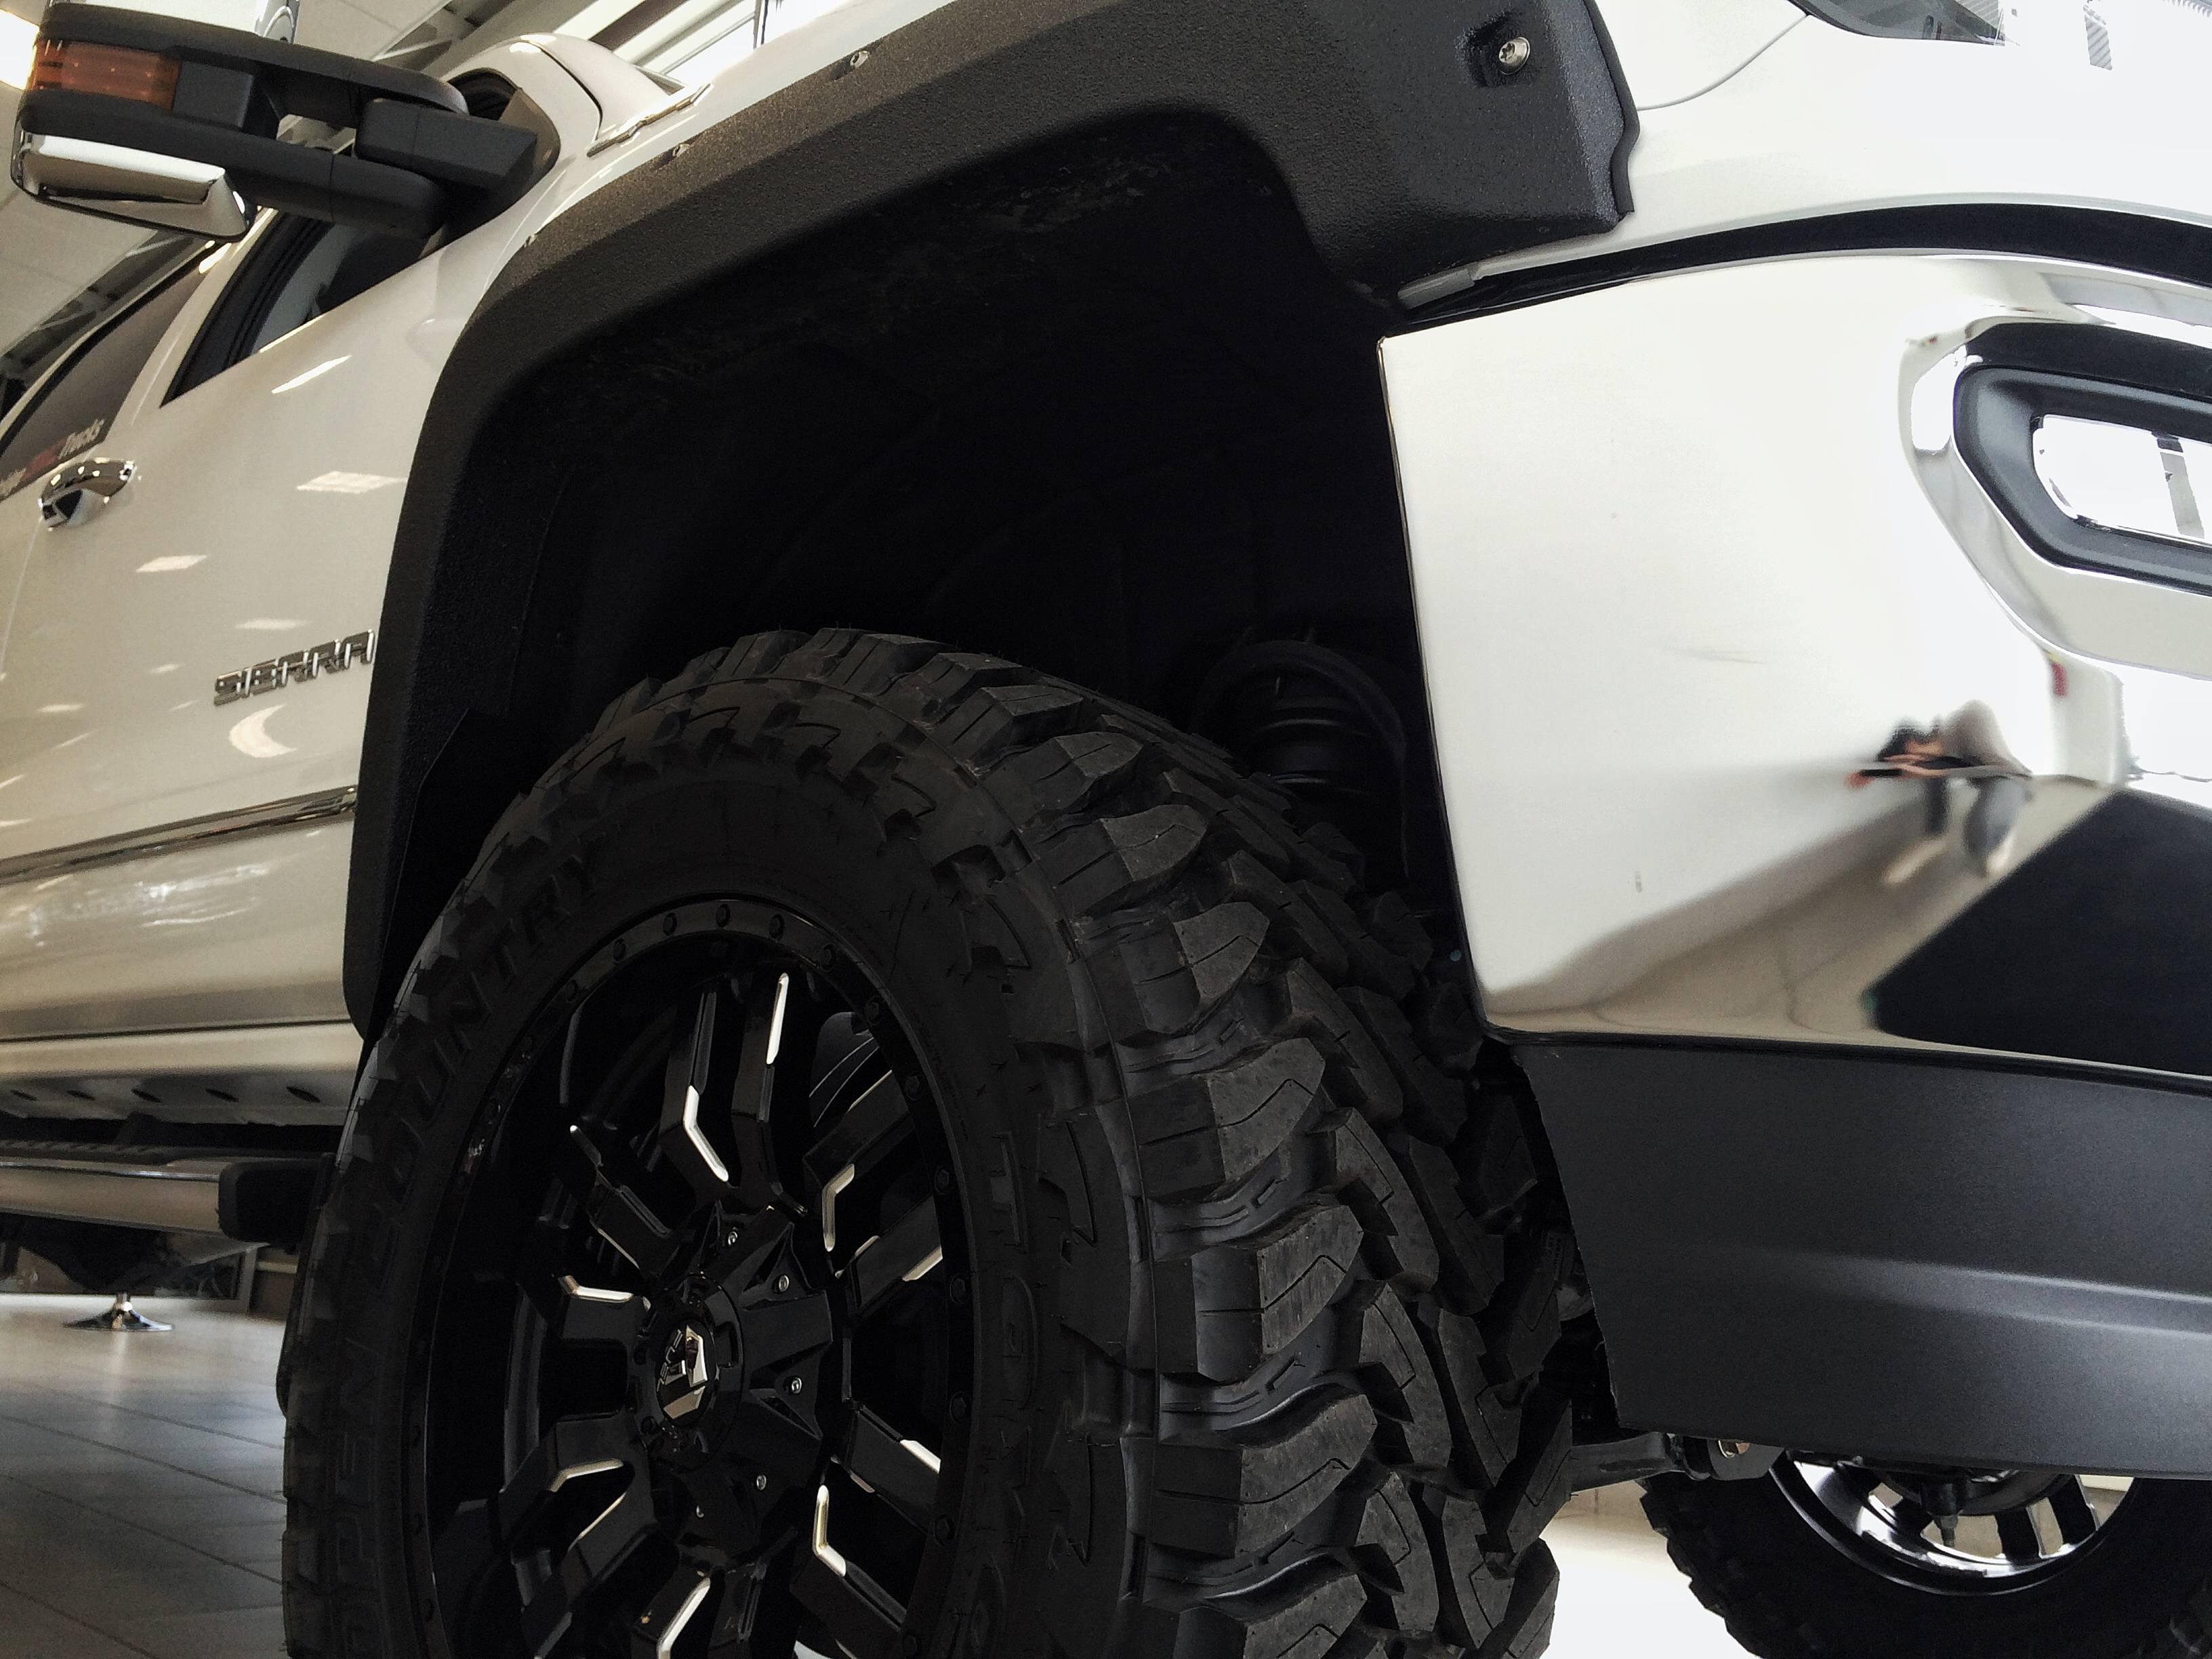 Customized White GMC Sierra Pickup Truck - Custom Rims, Fender Flares - Westridge Customs